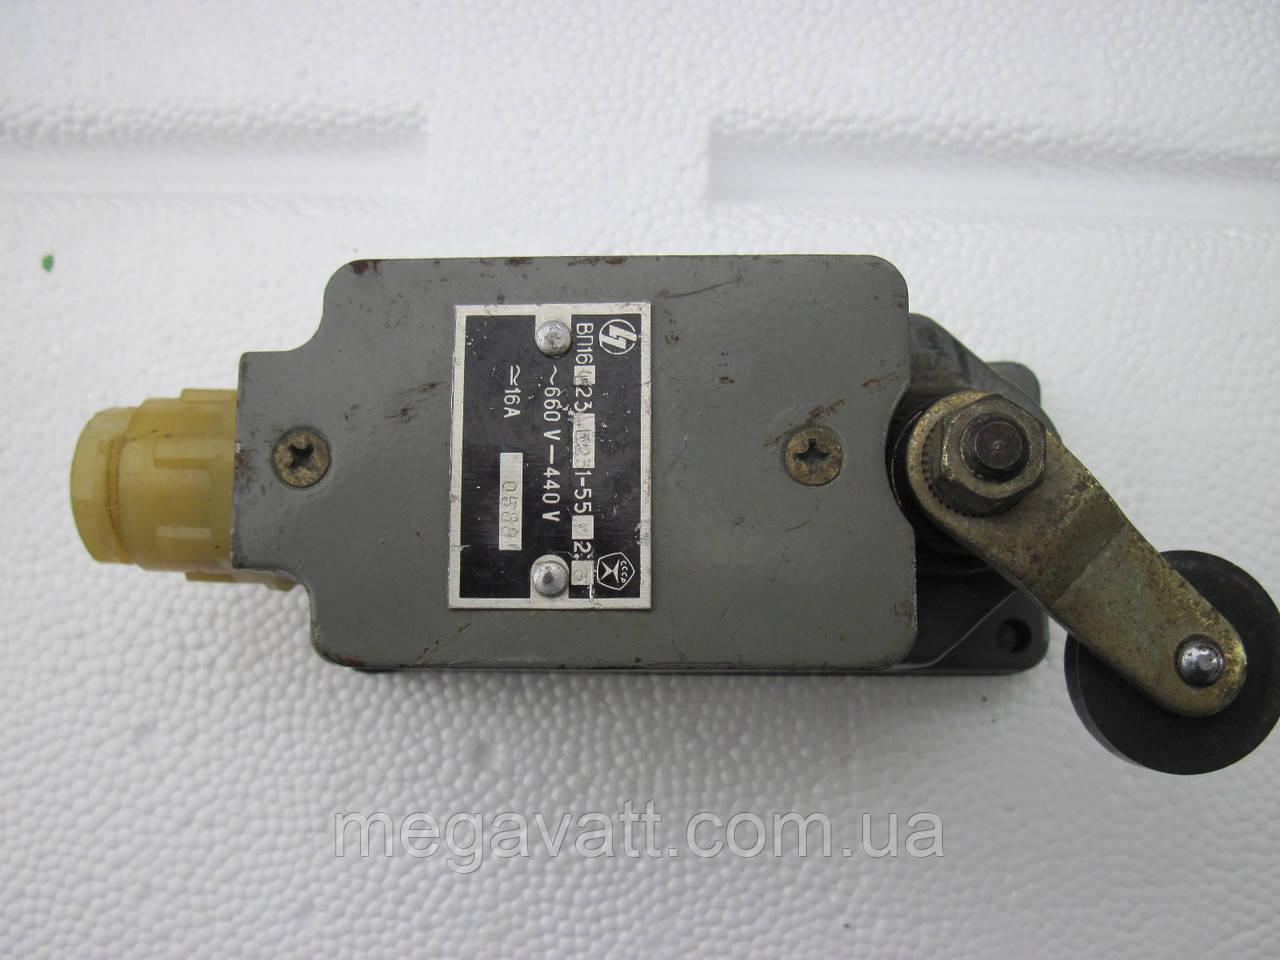 Концевой выключатель ВП-16Г23Б231 - МегаВатт-Прибор в Киеве